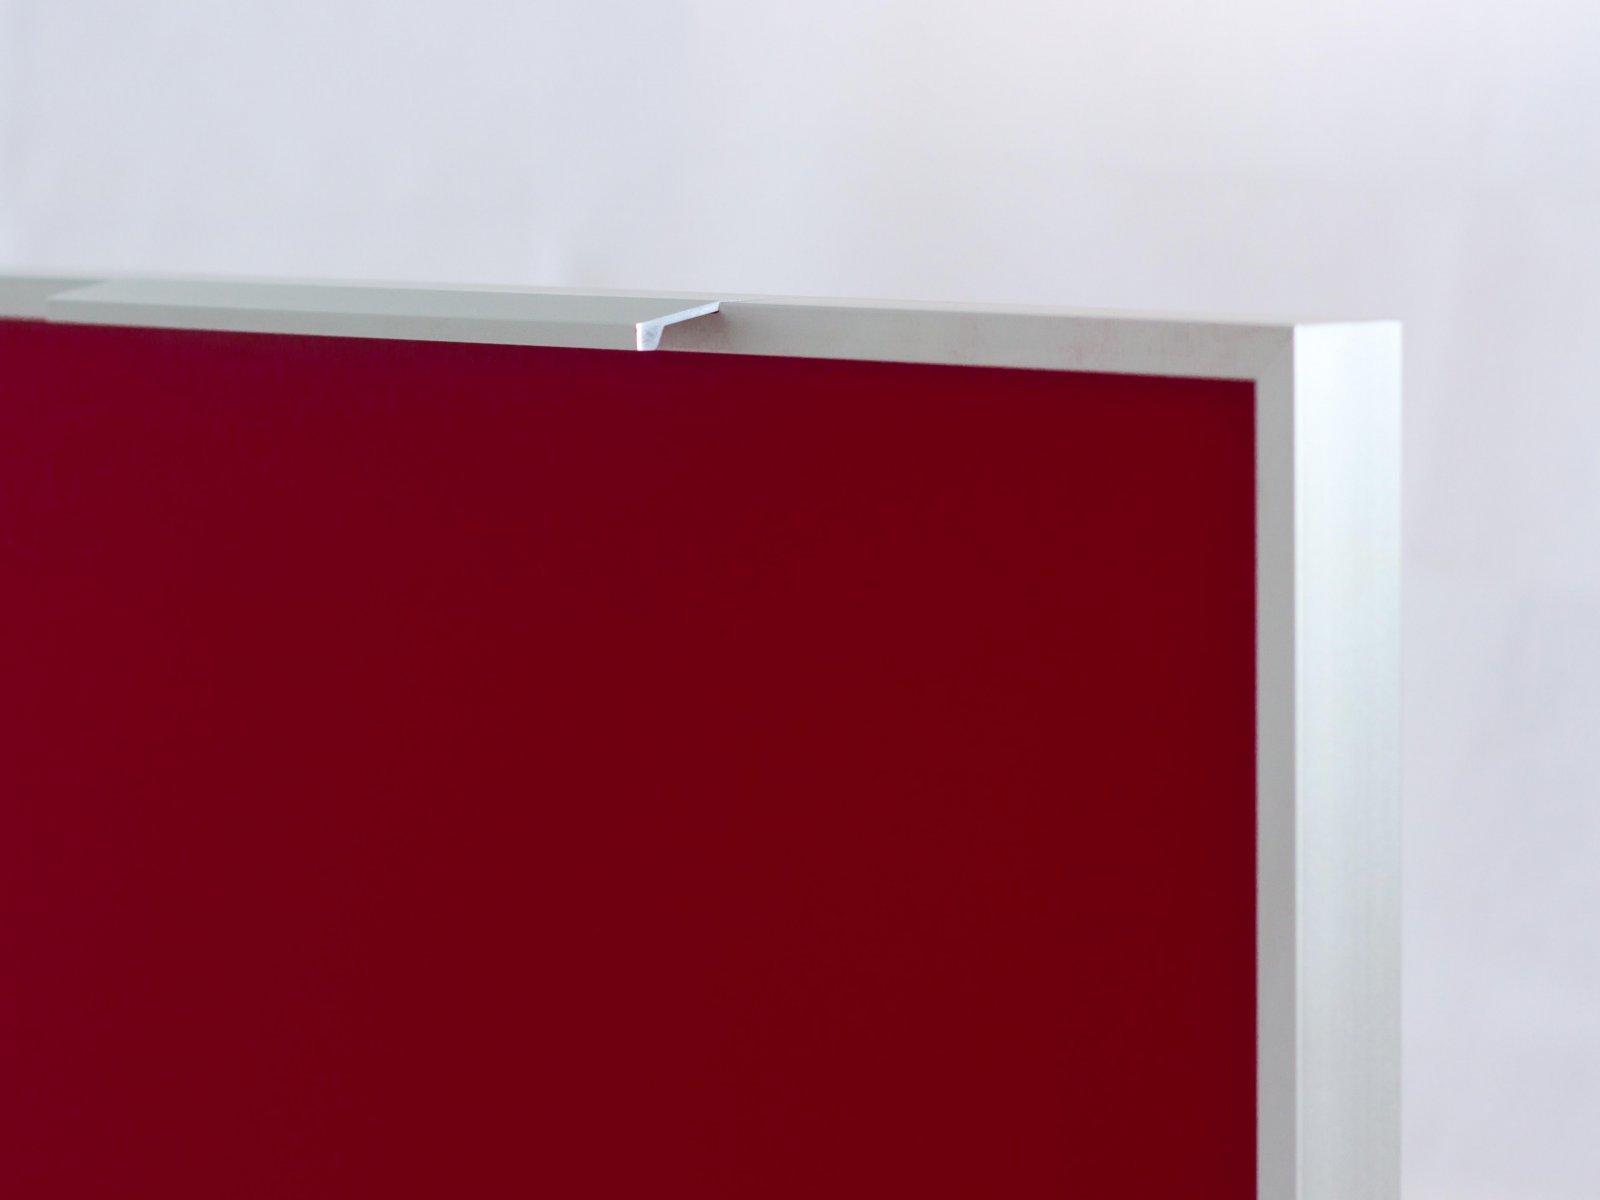 Porta-3 (Perfil V01-52 mate + puxador L06 mate + vidro lacado vermelho)